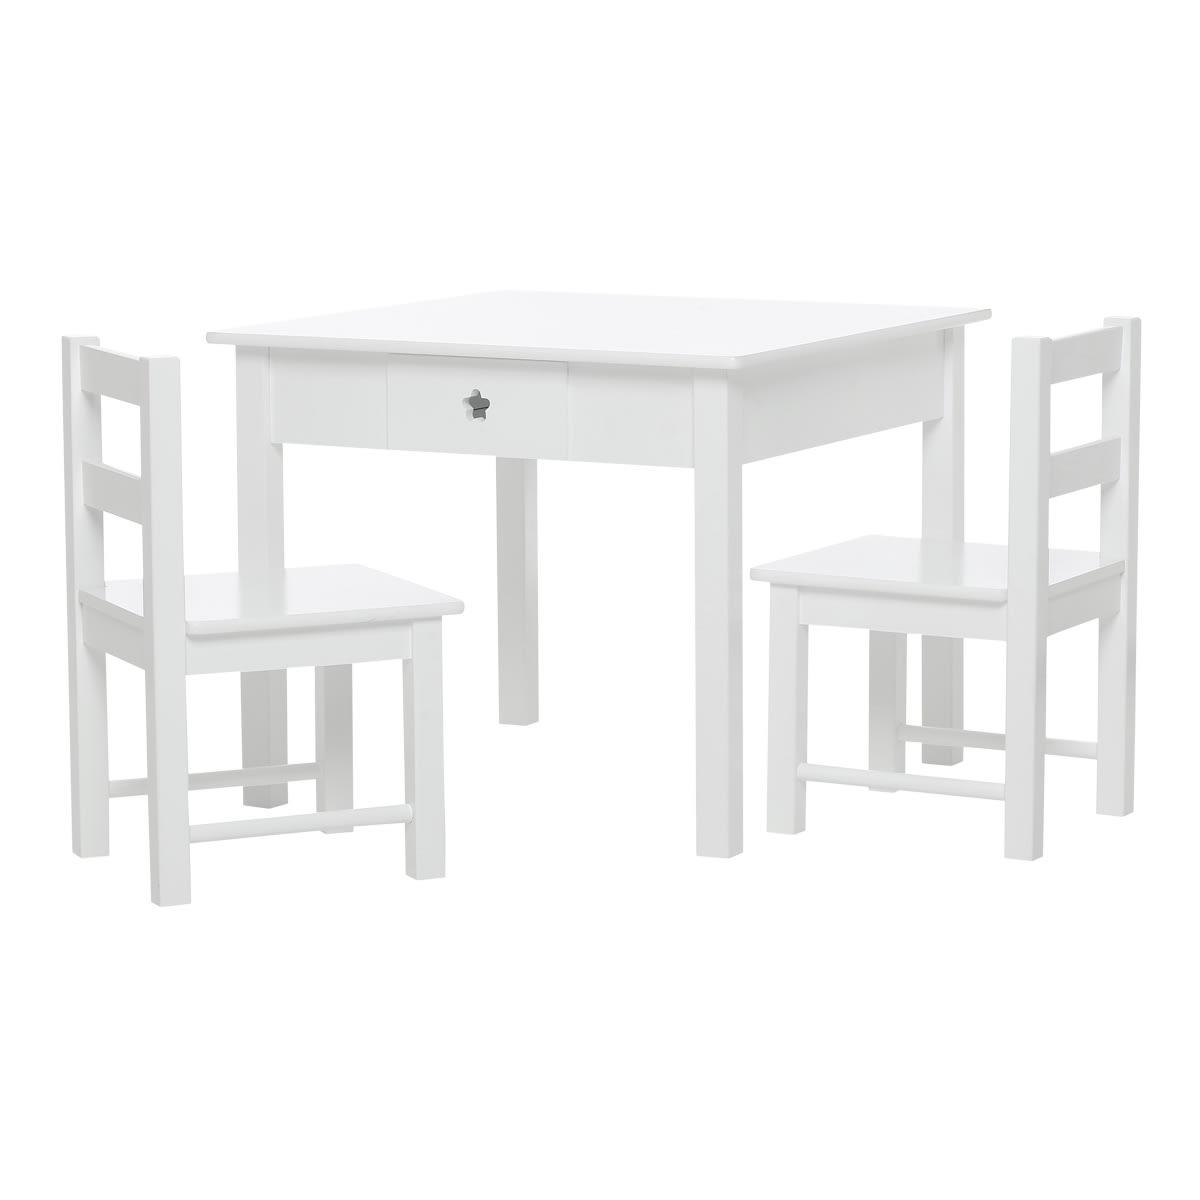 Møbelsæt med bord og stole til børneværelset - Coop.dks eget brand